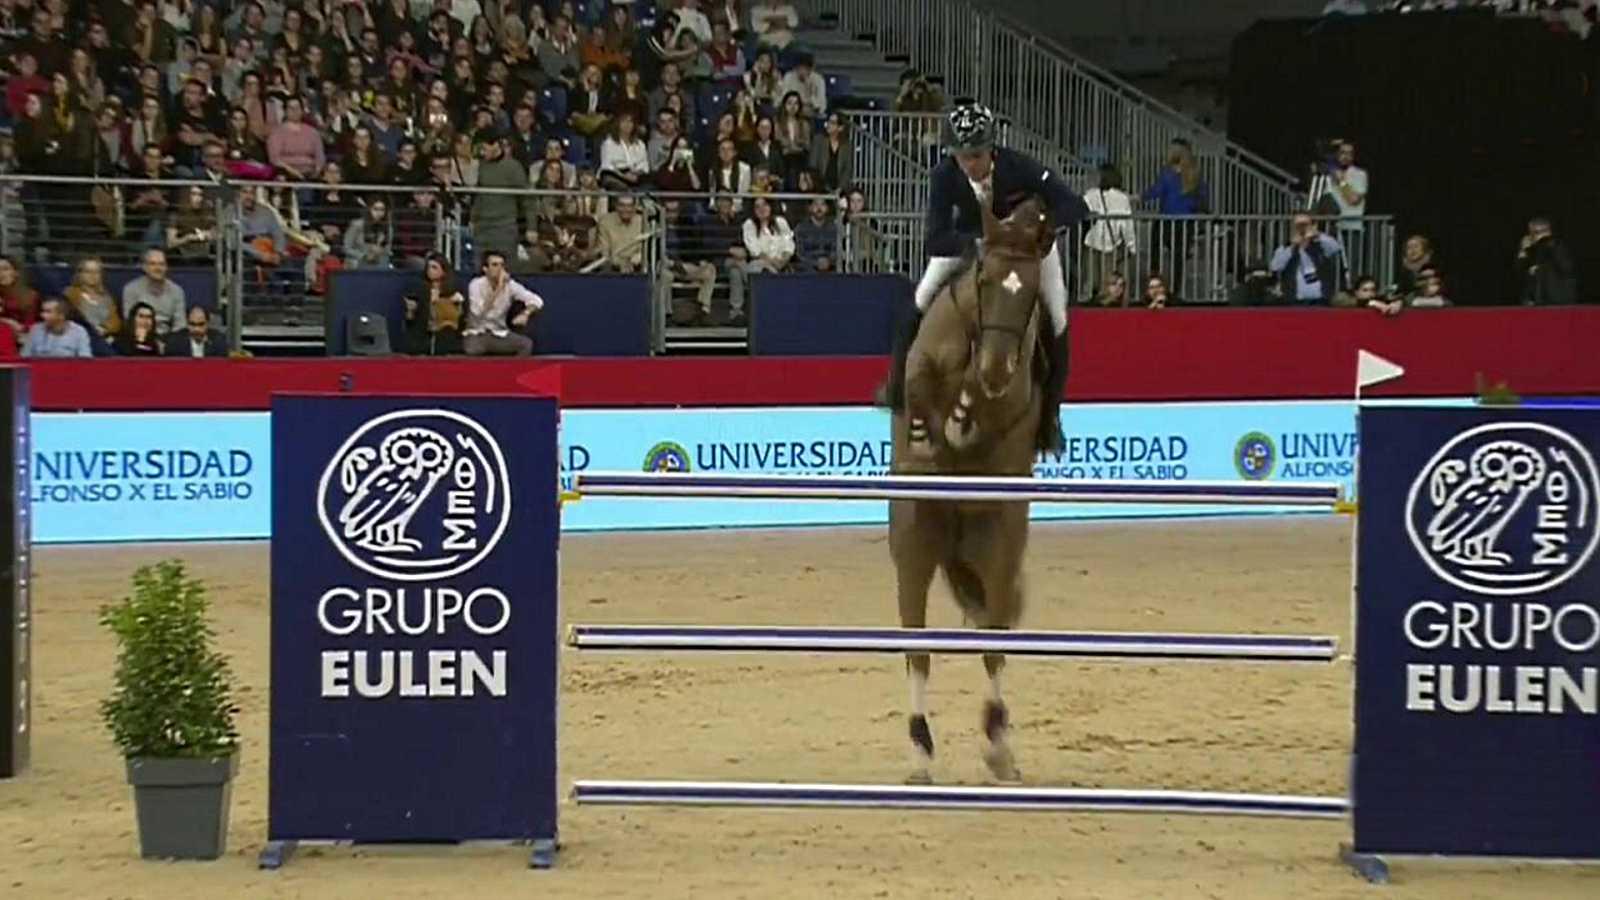 Hípica - Desde Madrid. Concurso de saltos Madrid Horse Week. Trofeo Universidad Alfonso X el Sabio - Caballos 1 al 20 - ver ahora